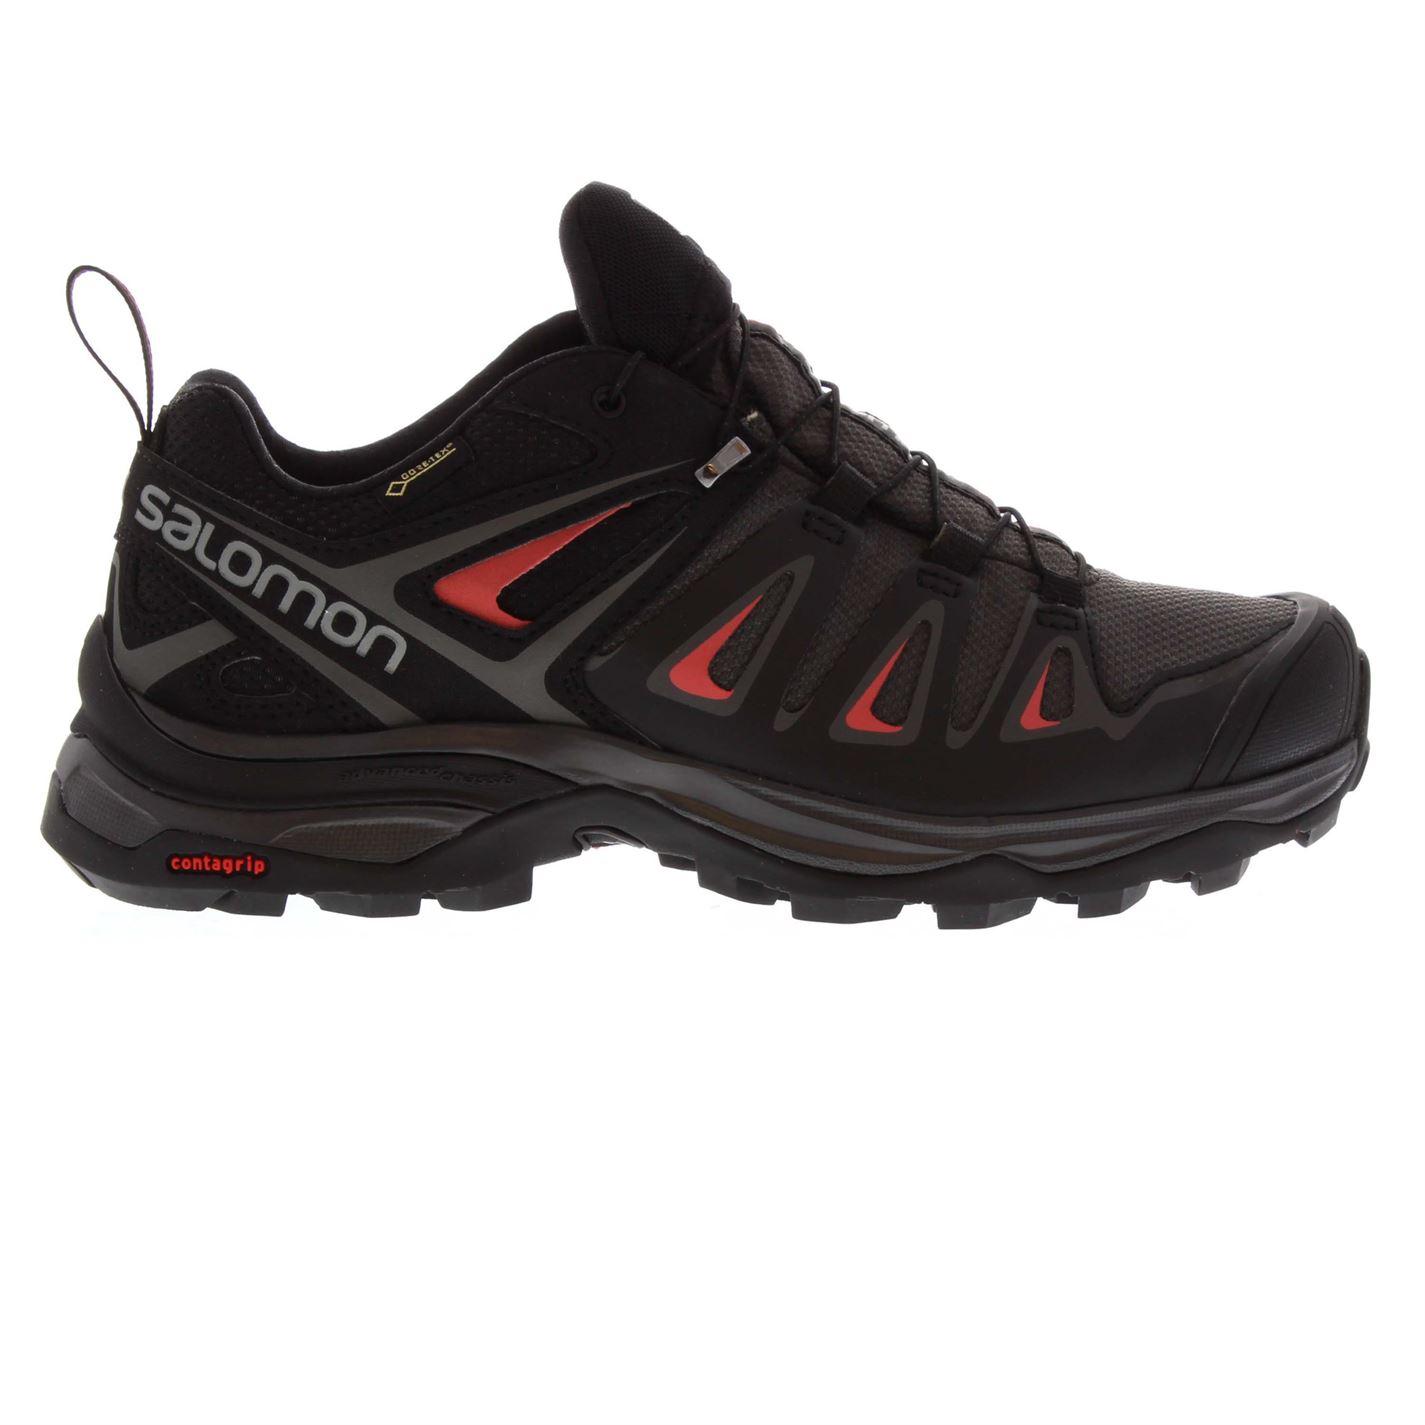 boty Salomon X Ultra 3 GTX dámské Walking Shoes Magnet Black - Glami.sk c8a033e305